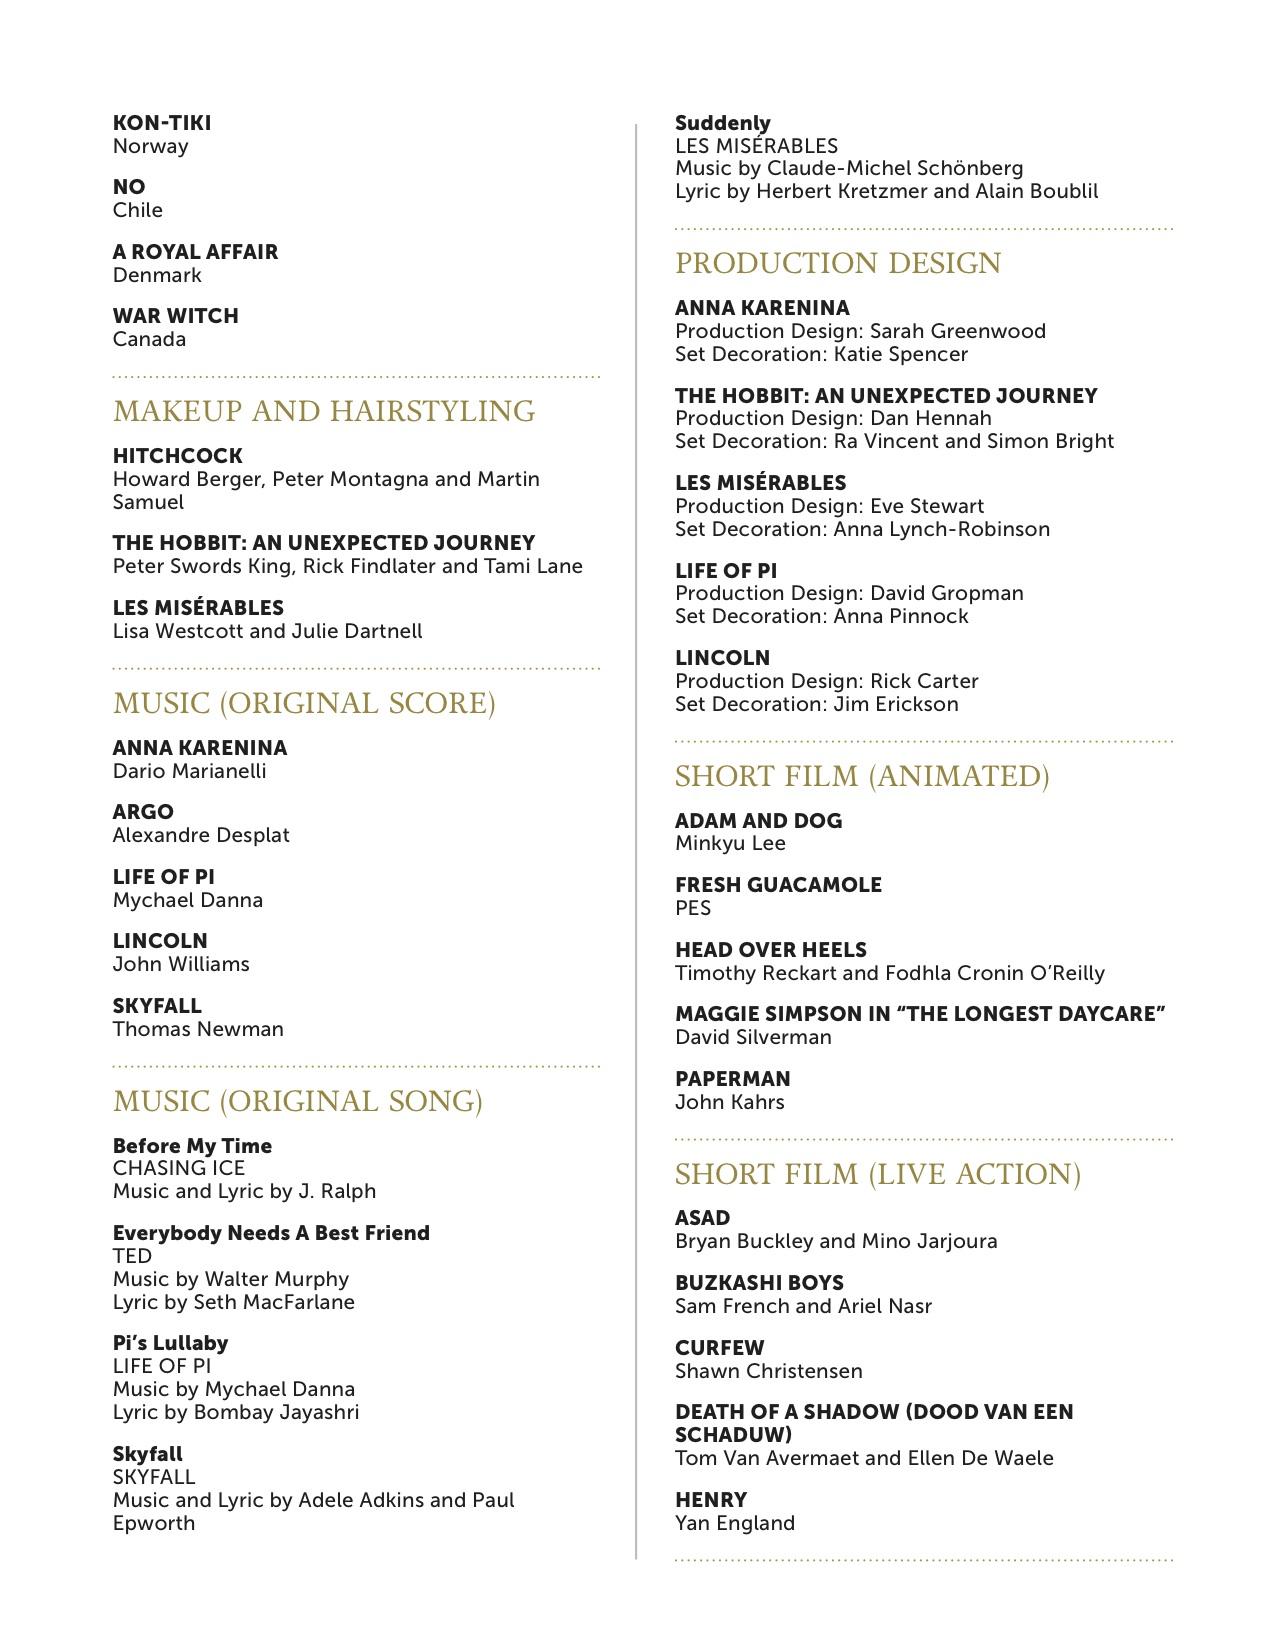 nominees copy 3